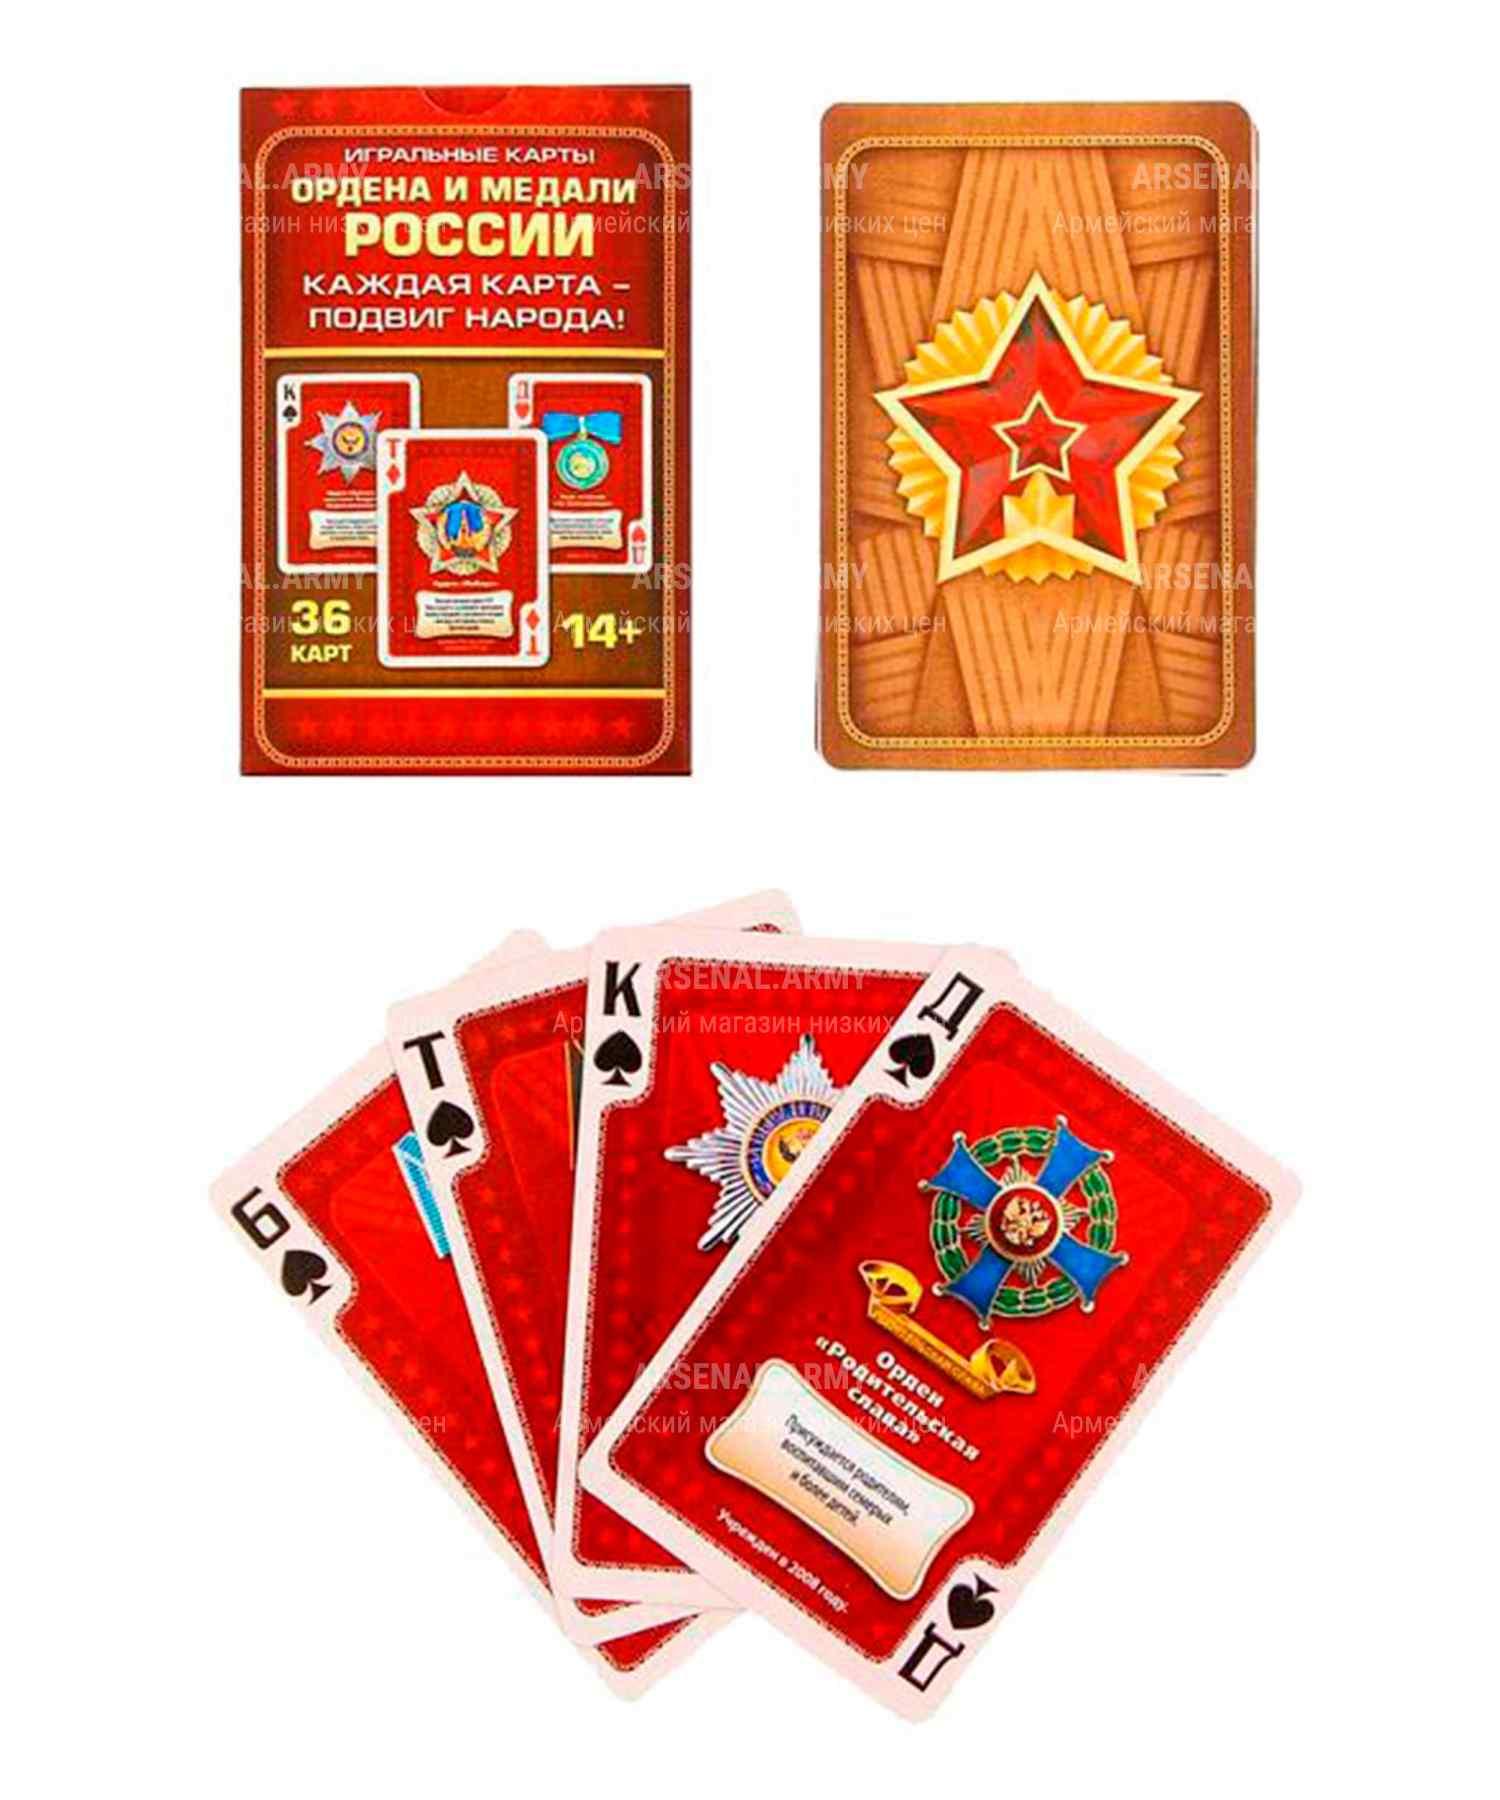 """Игральные карты """"Ордена и медали России"""", 36 карт"""